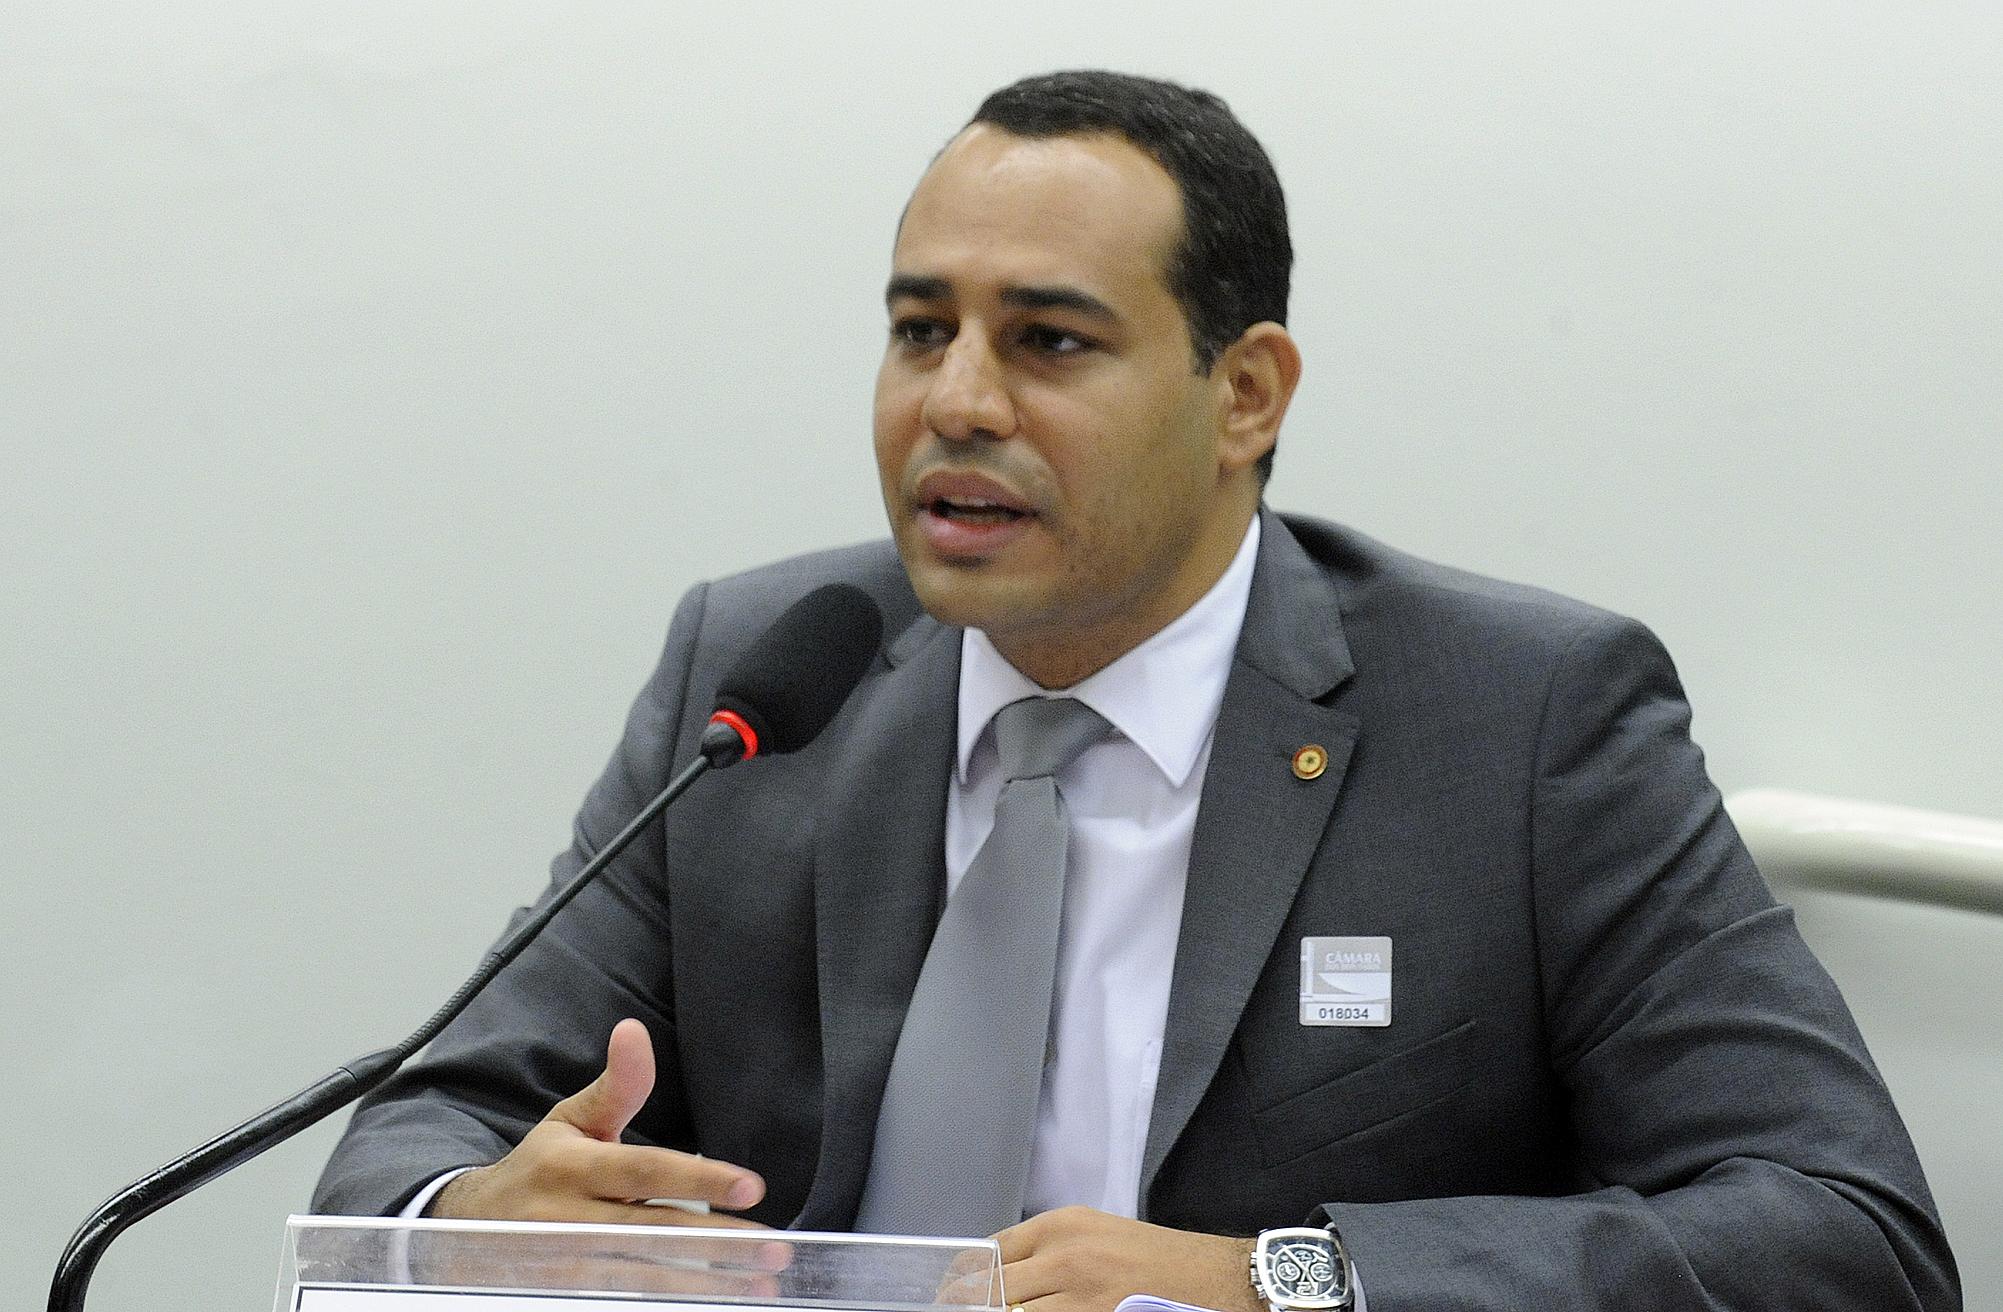 Delegado responsável por Operação Zelotes dá detalhes de investigação sobre MPs